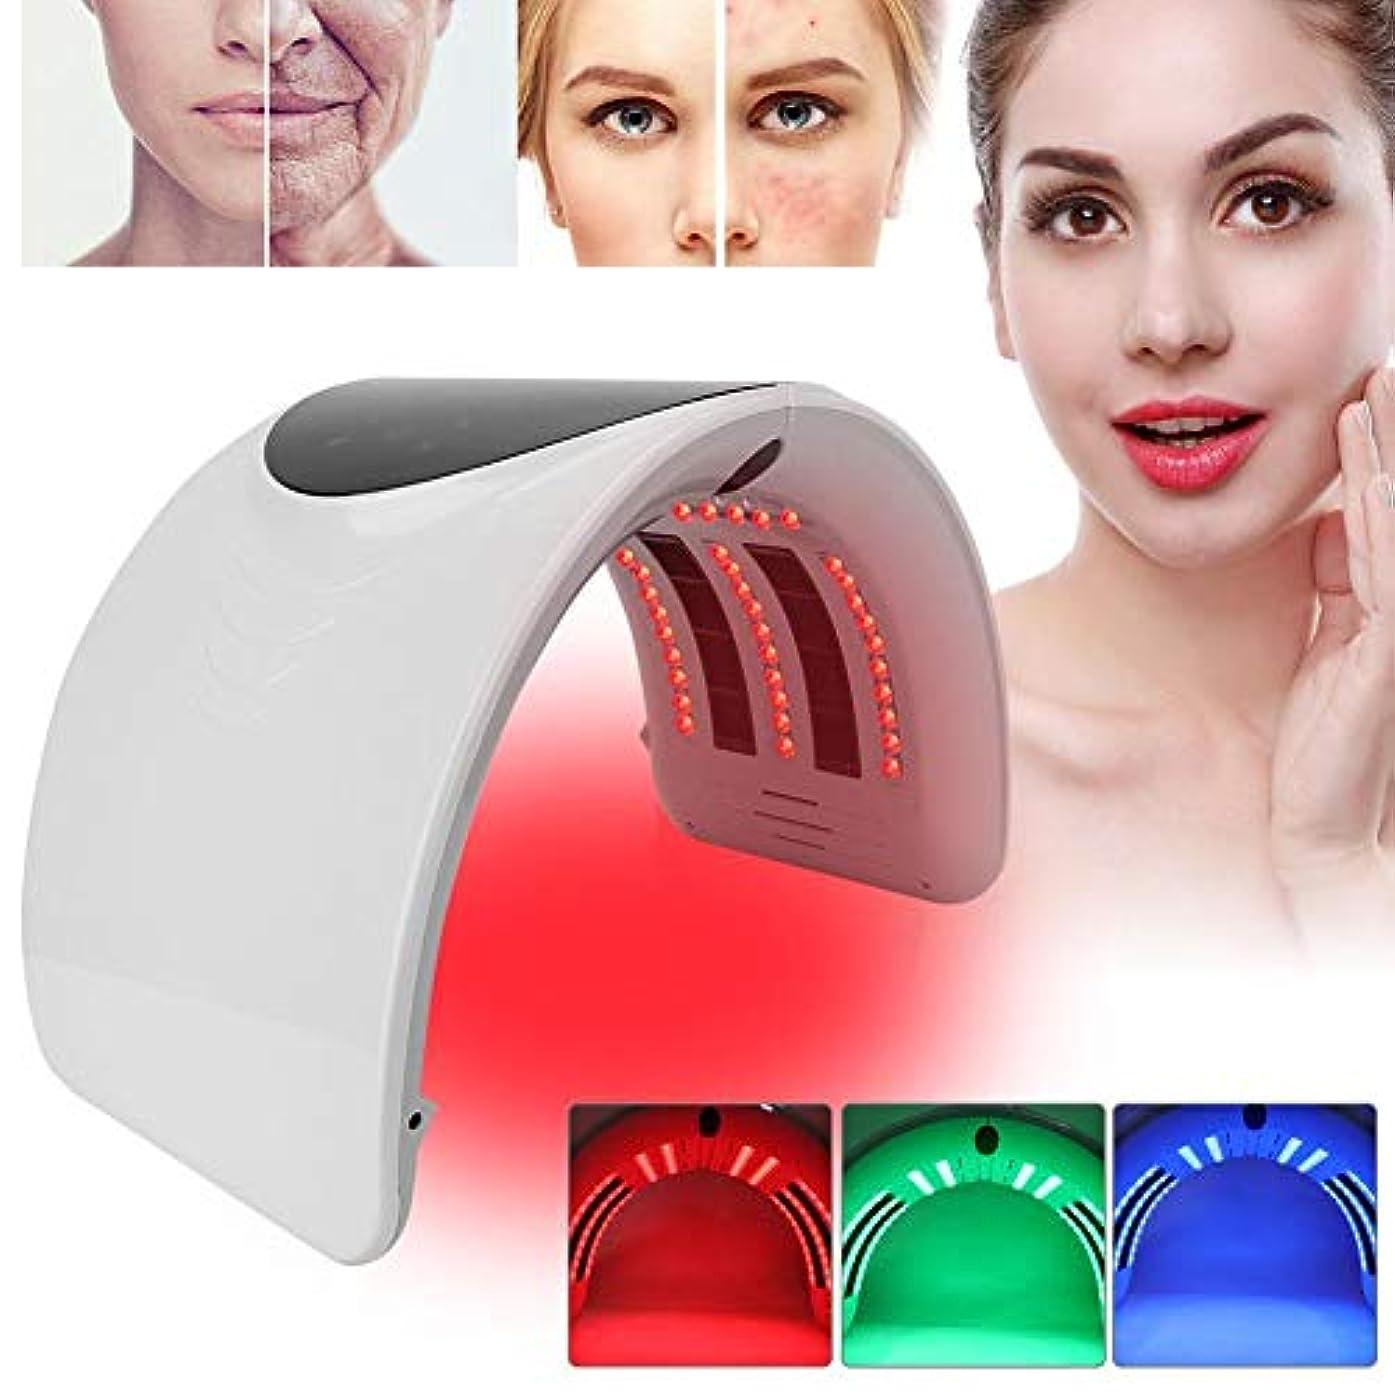 ギャンブル冗長座るPDTの軽い療法の美顔術機械、6色の新しい折り畳み式アクネの取り外しのスキンケアの処置機械(01)